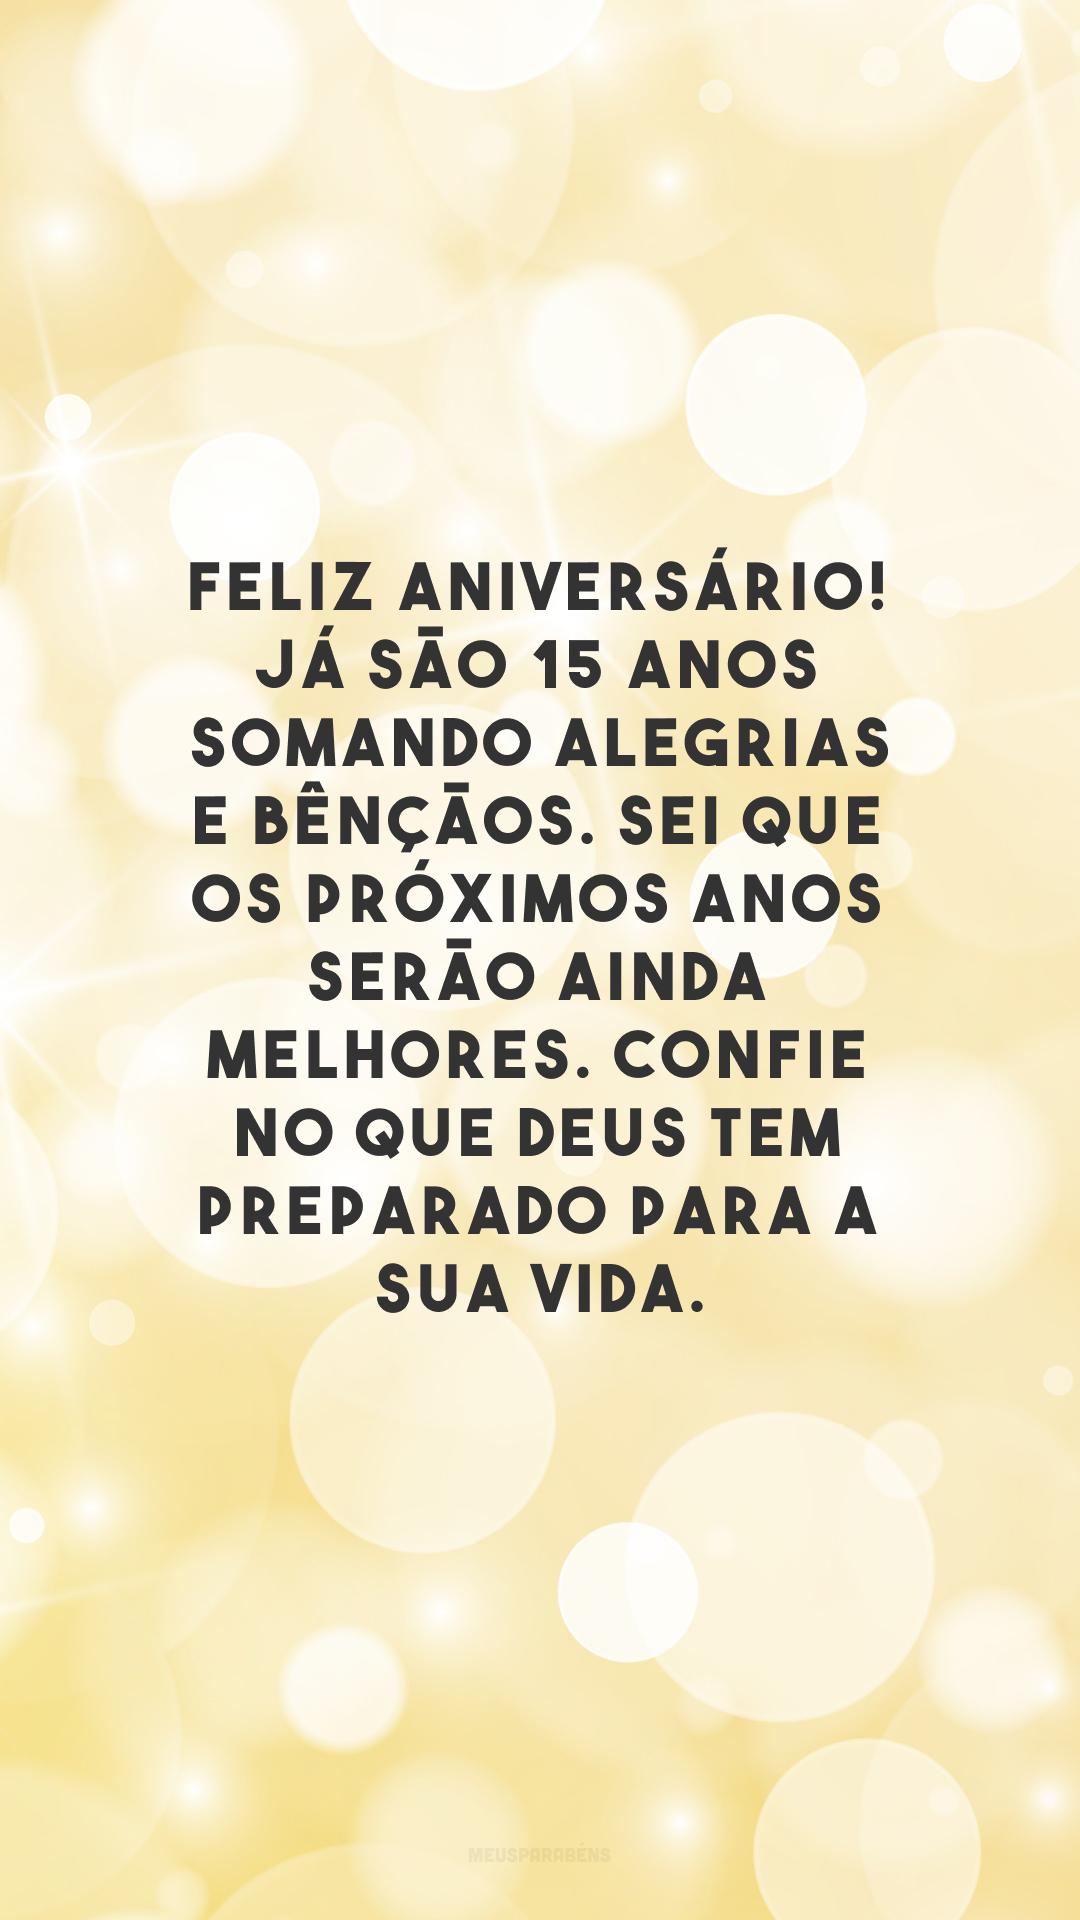 Feliz aniversário! Já são 15 anos somando alegrias e bênçãos. Sei que os próximos anos serão ainda melhores. Confie no que Deus tem preparado para a sua vida.